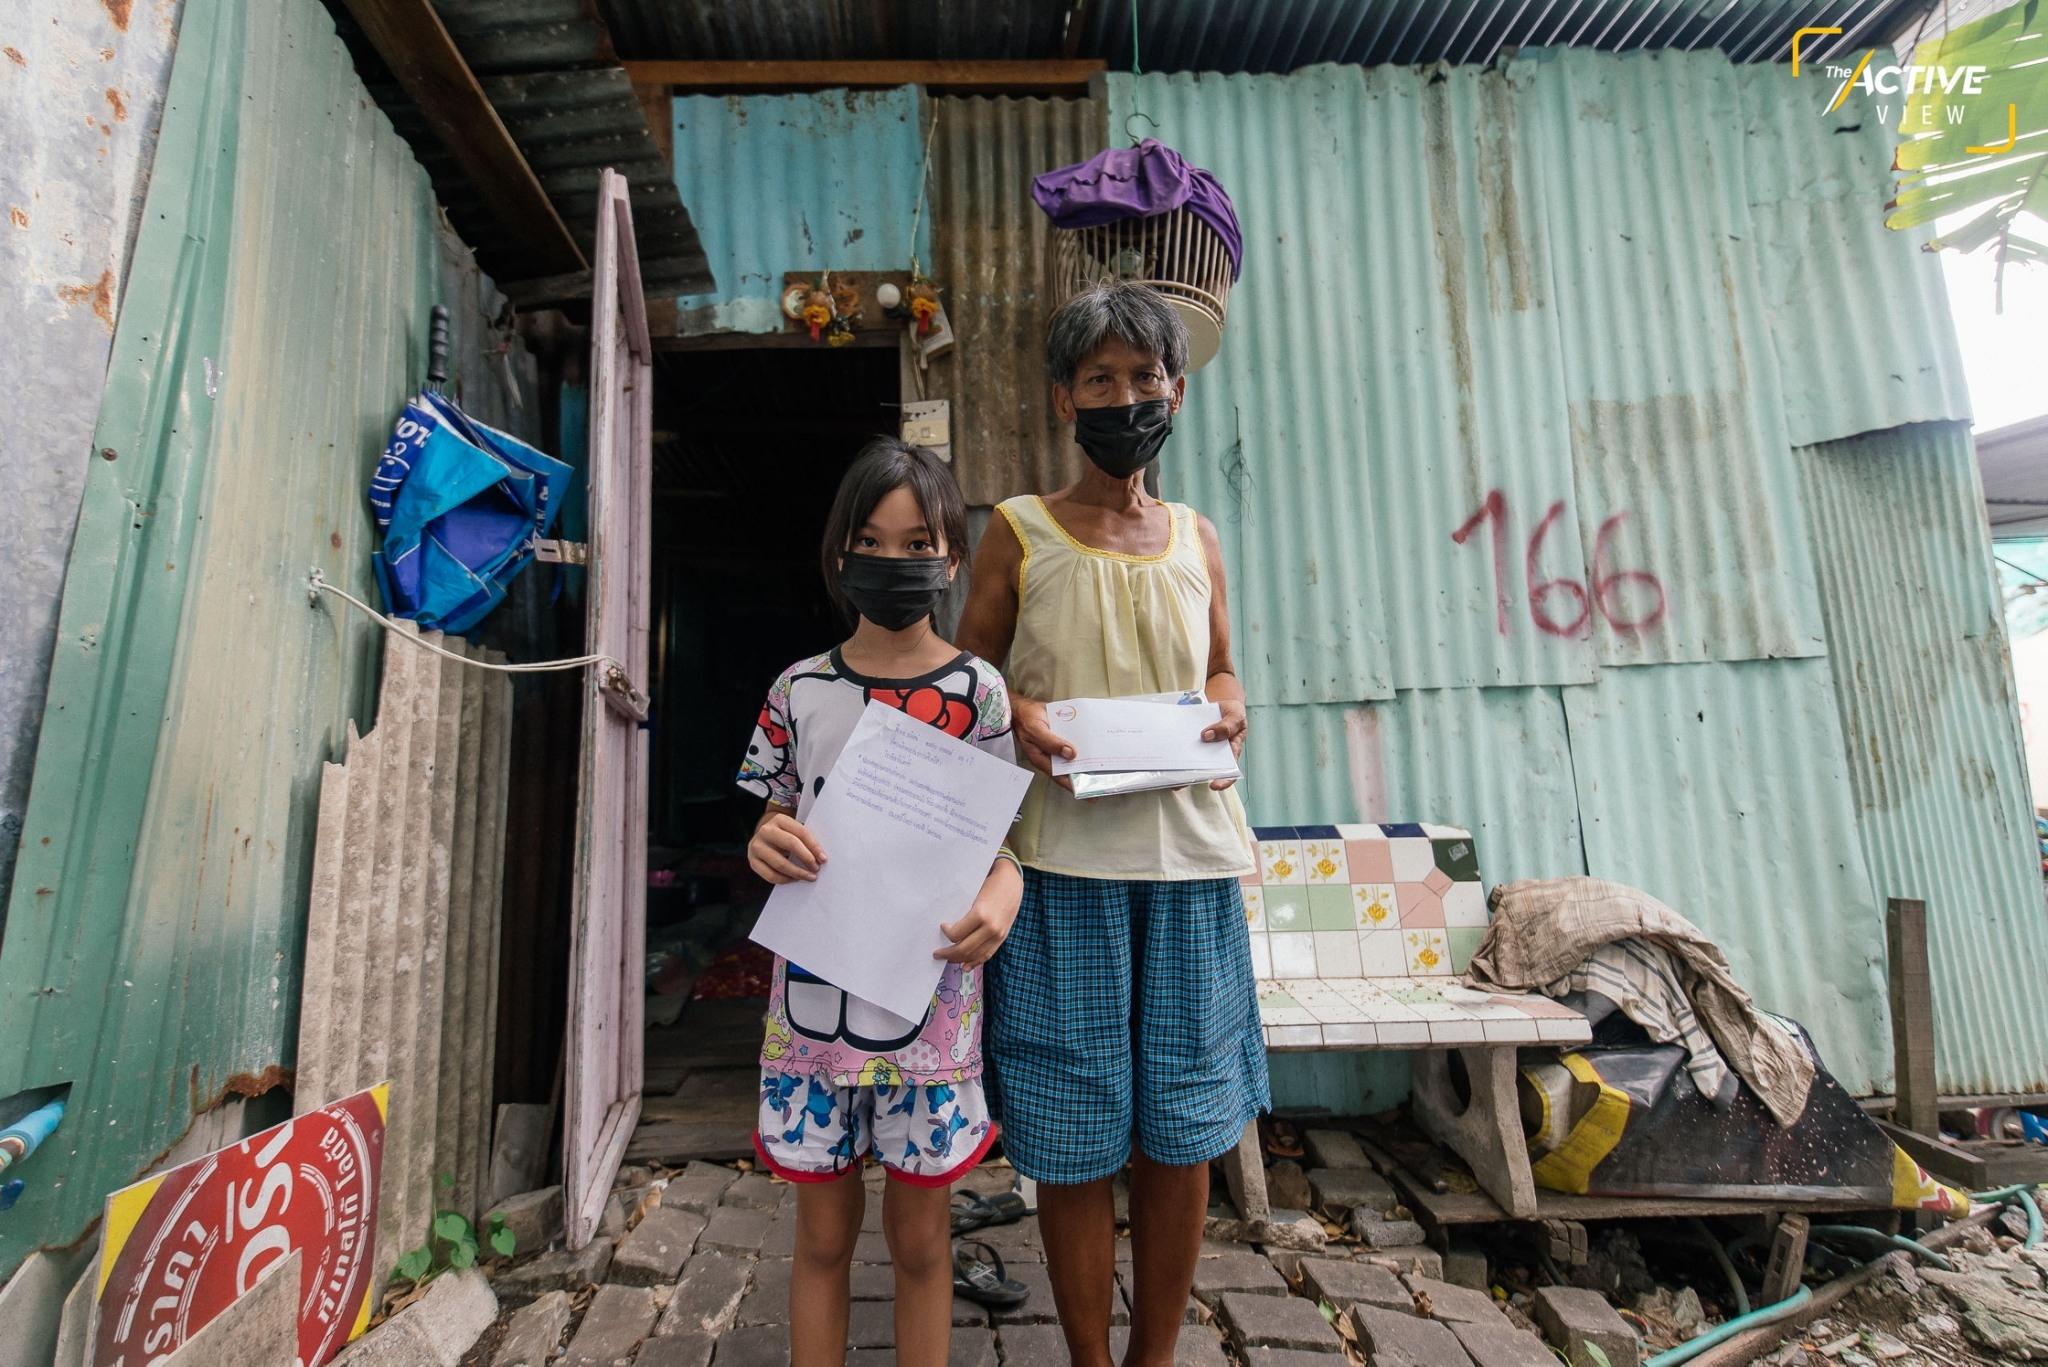 """""""มูลนิธิไทยพีบีเอส"""" ร่วมกับ """"ศูนย์สื่อสารวาระทางสังคมและนโยบายสาธารณะ"""" มอบทุนสนับสนุนการเรียนออนไลน์ ให้กับเด็กๆ ในชุมชนจำนวน 30 คน เพื่อแบ่งเบาภาระค่าใช้จ่าย และบริจาคอุปกรณ์การเรียนอีกจำนวนมากให้กับเด็กทั้งชุมชน หวังให้โอกาสทางการศึกษา สร้างโอกาสในชีวิตของพวกเขาในอนาคต"""